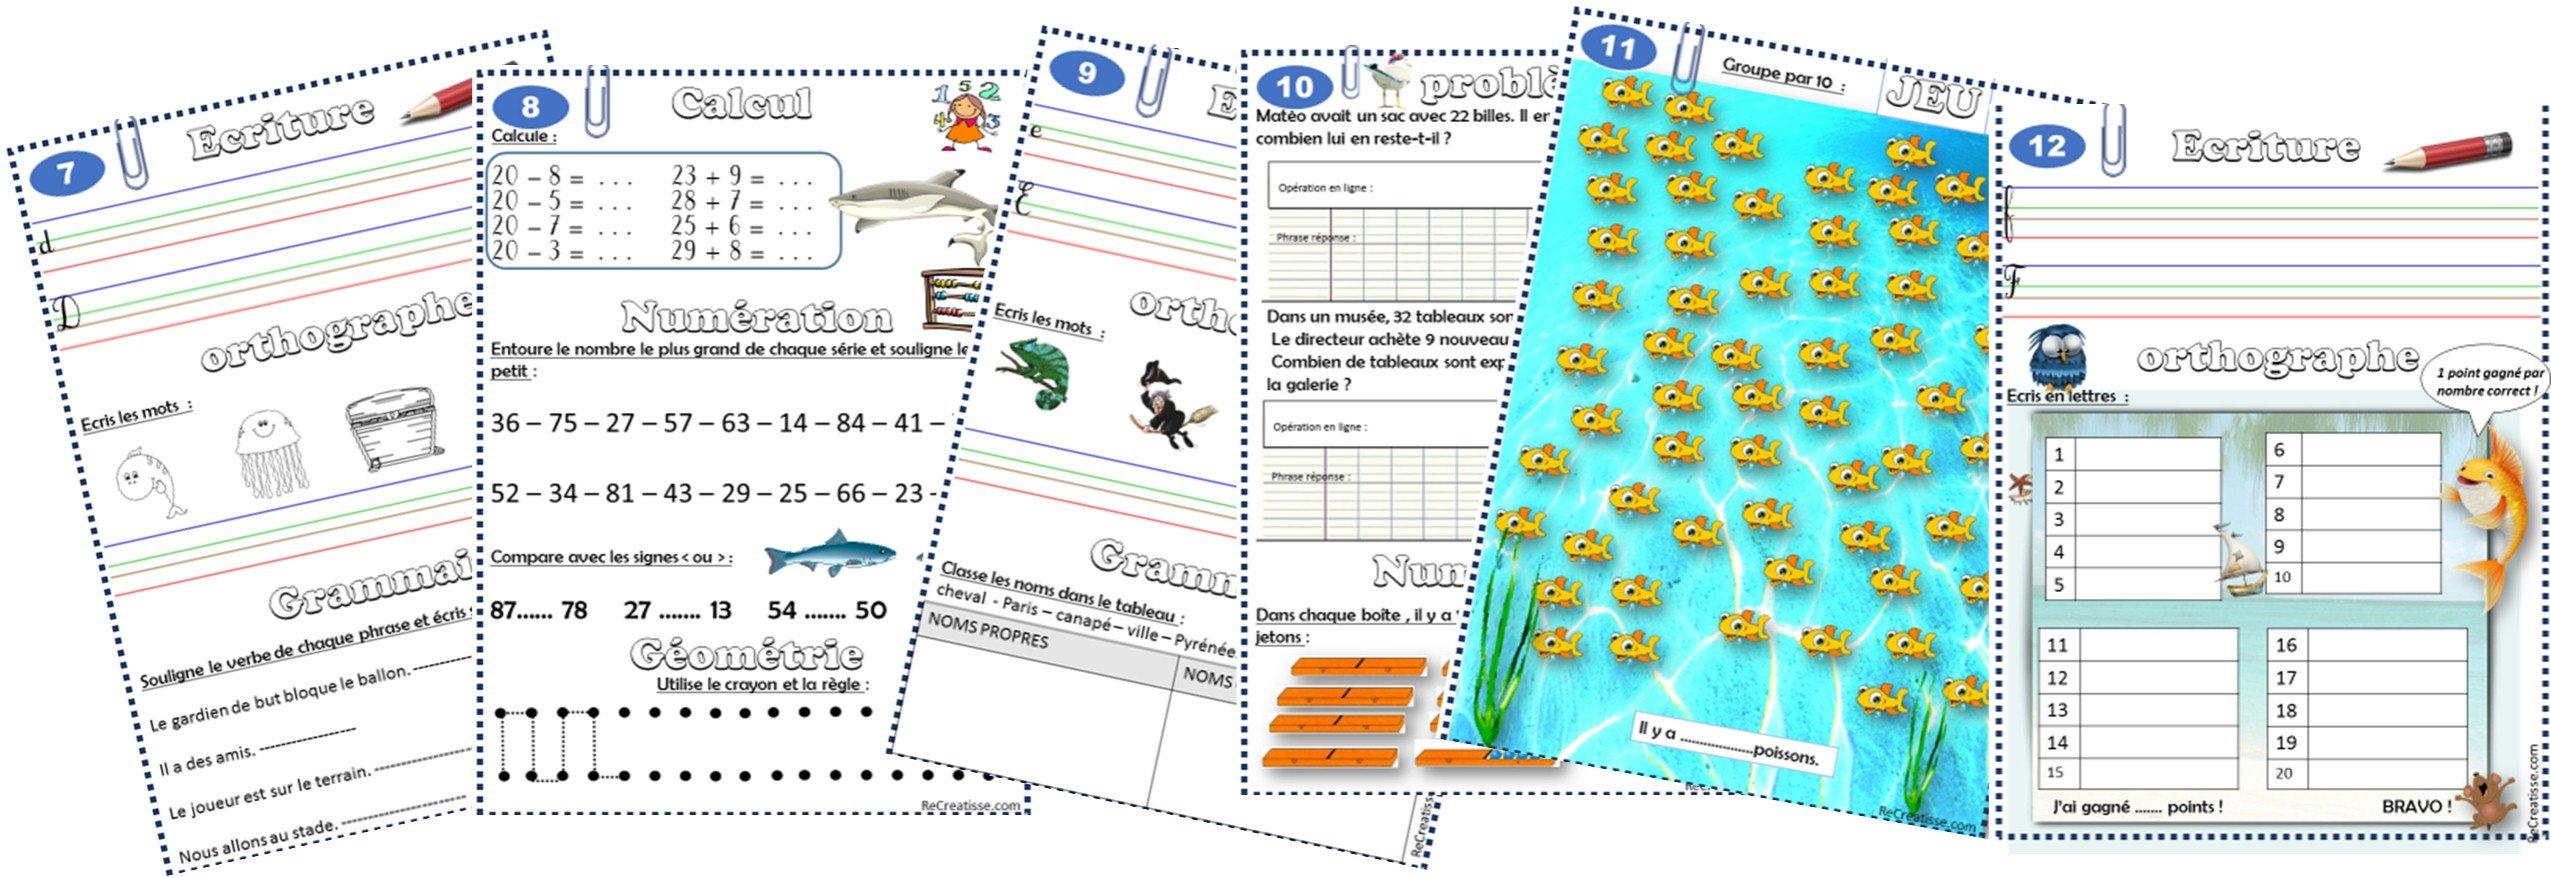 Devoir De Vacances Ce2 | Bio Mind Share encequiconcerne Cahier De Vacances Gratuit A Imprimer